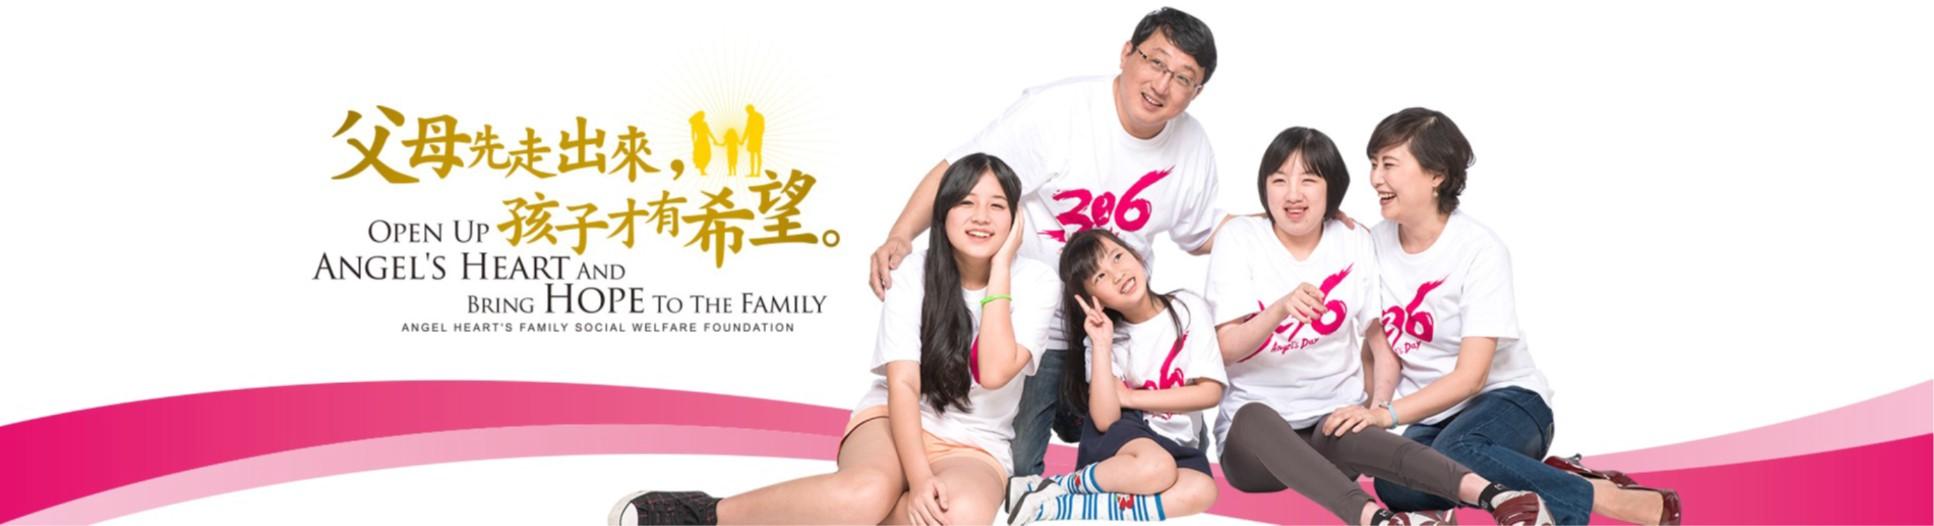 【專題講座】台灣天使心手足團體分享 與談人:天使心家族基金會 蕭雅雯副執行長 代表圖